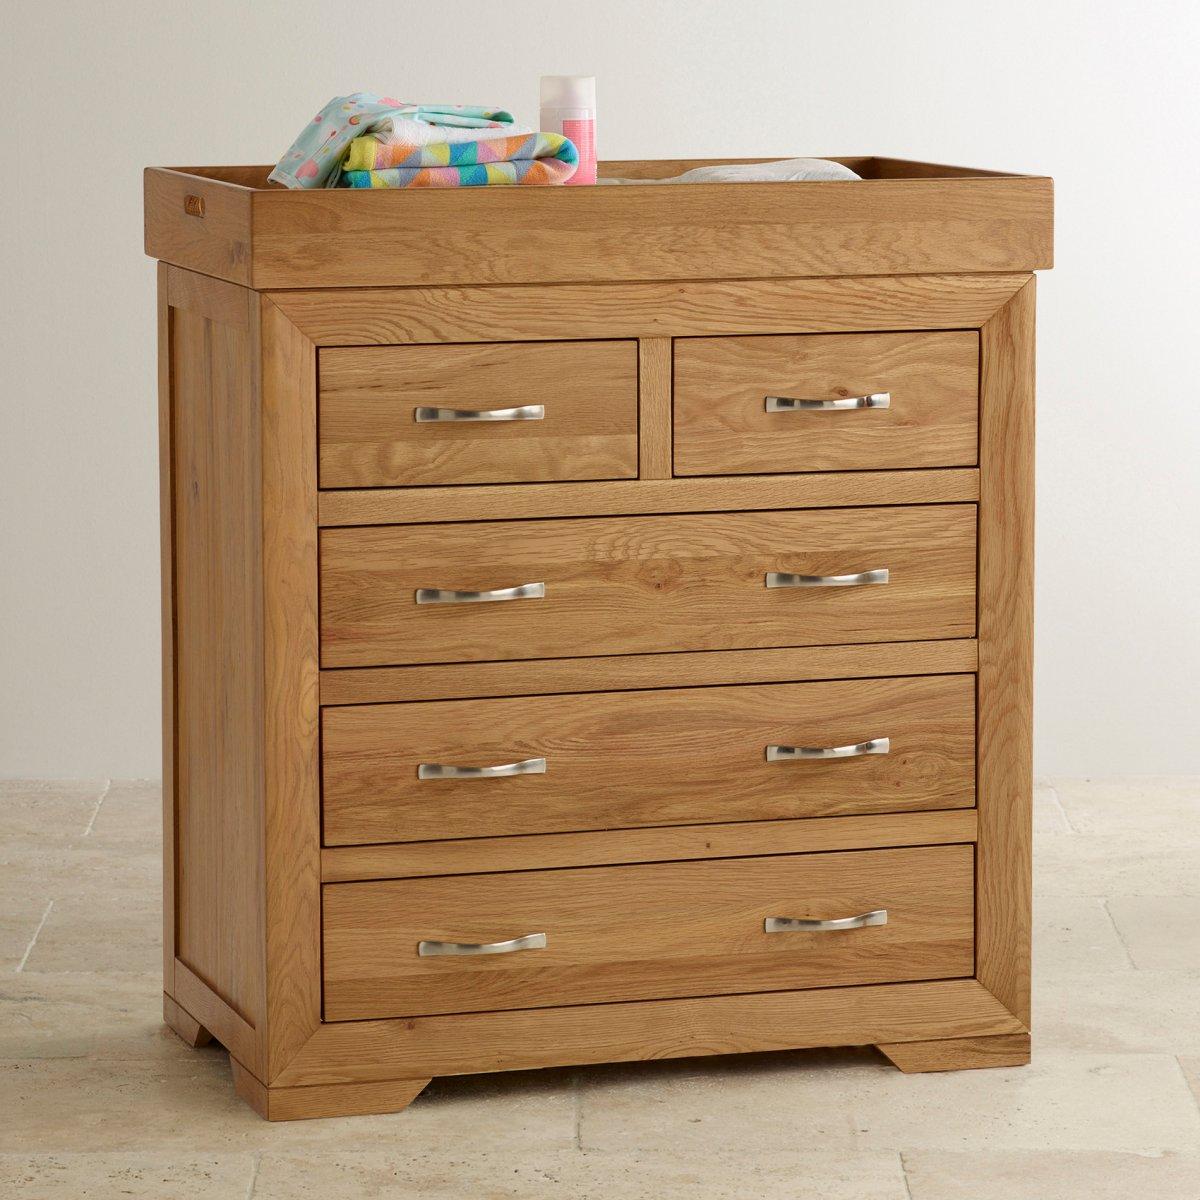 Bevel Natural Oak Baby Changer Dresser